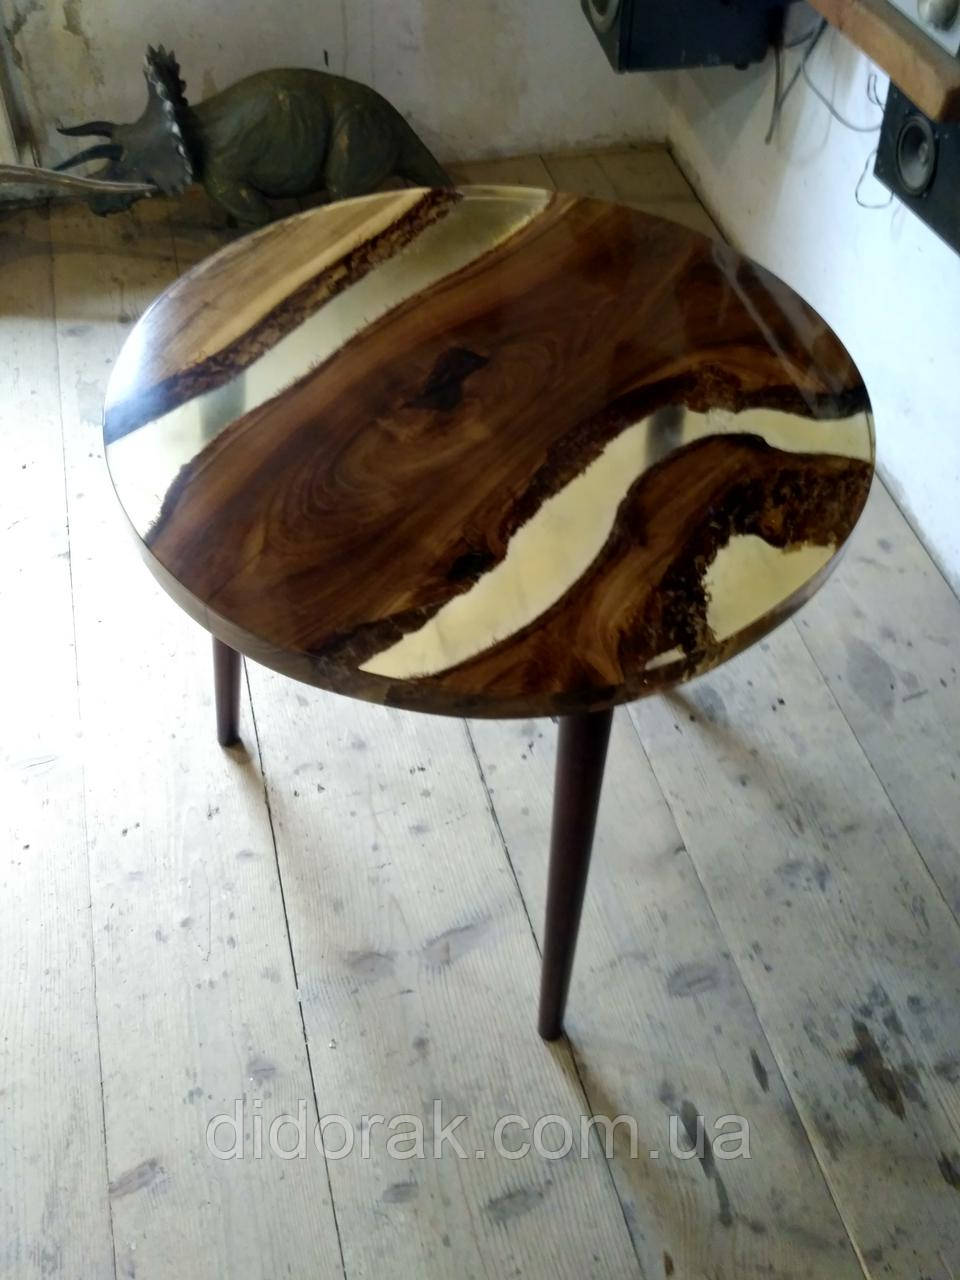 Журнальный стол из эпоксидной смолы и дерева, фото 1